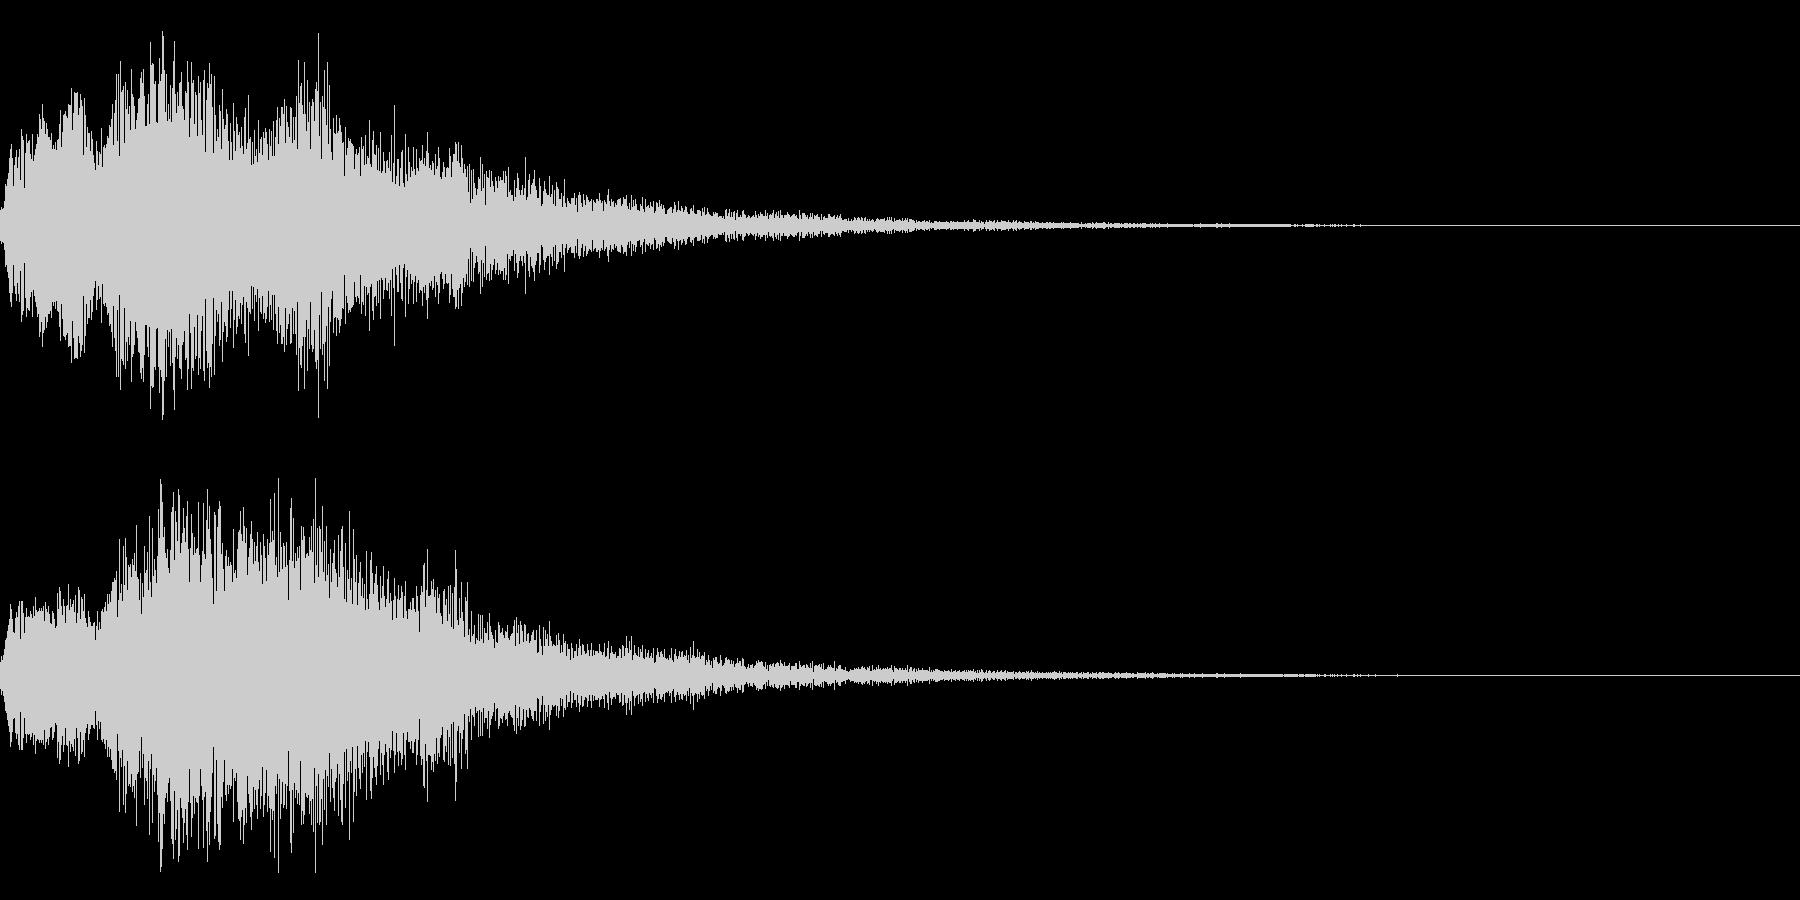 胡弓のチャイナ中国インパクトジングル17の未再生の波形